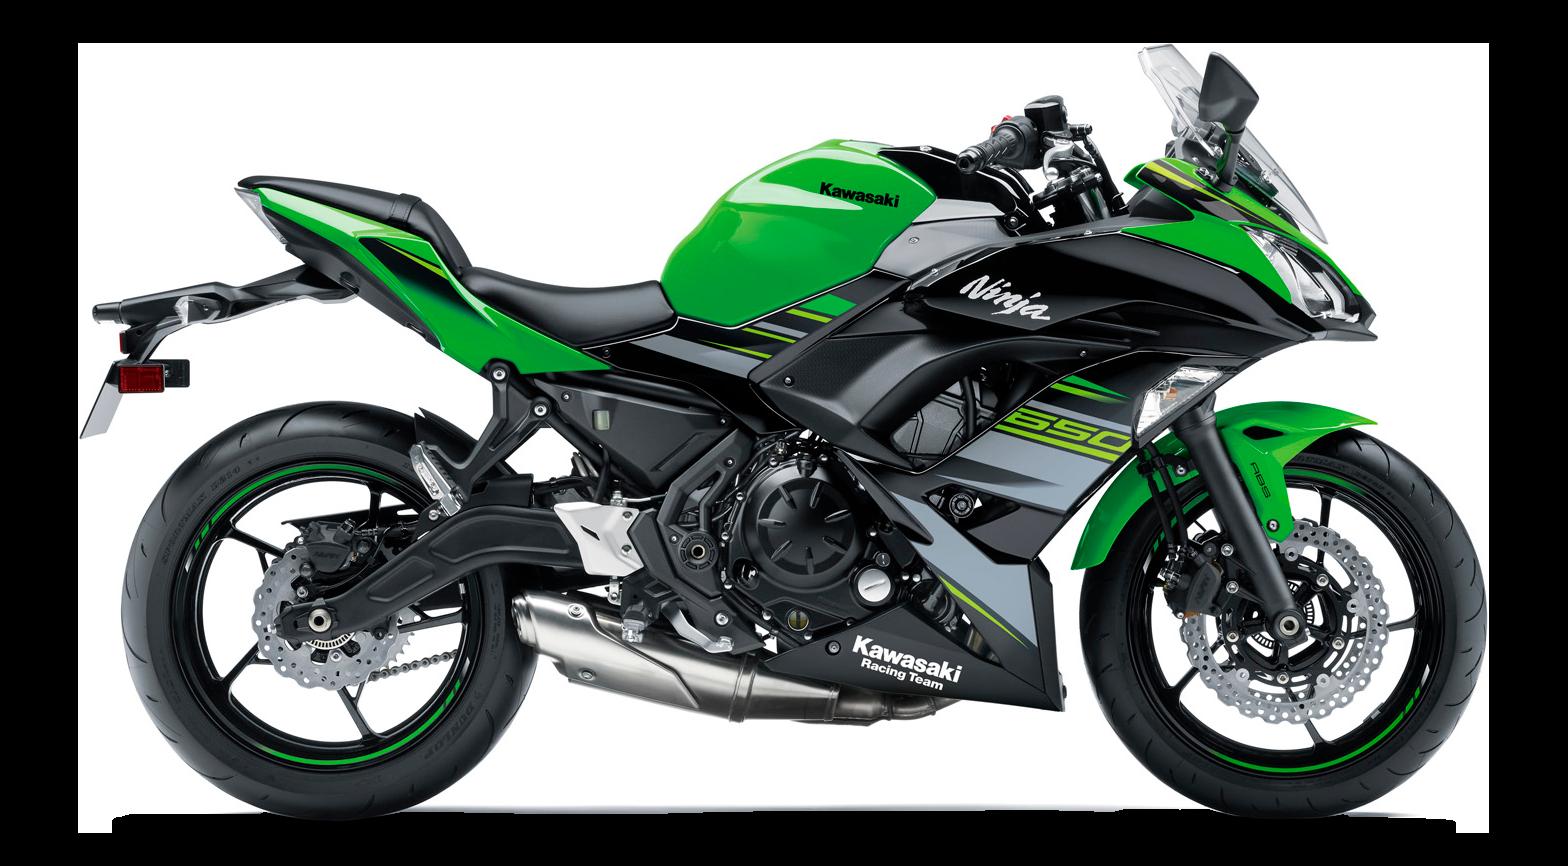 Kawasaki Ninja 650 [2017] - Autos y motos en Taringa!